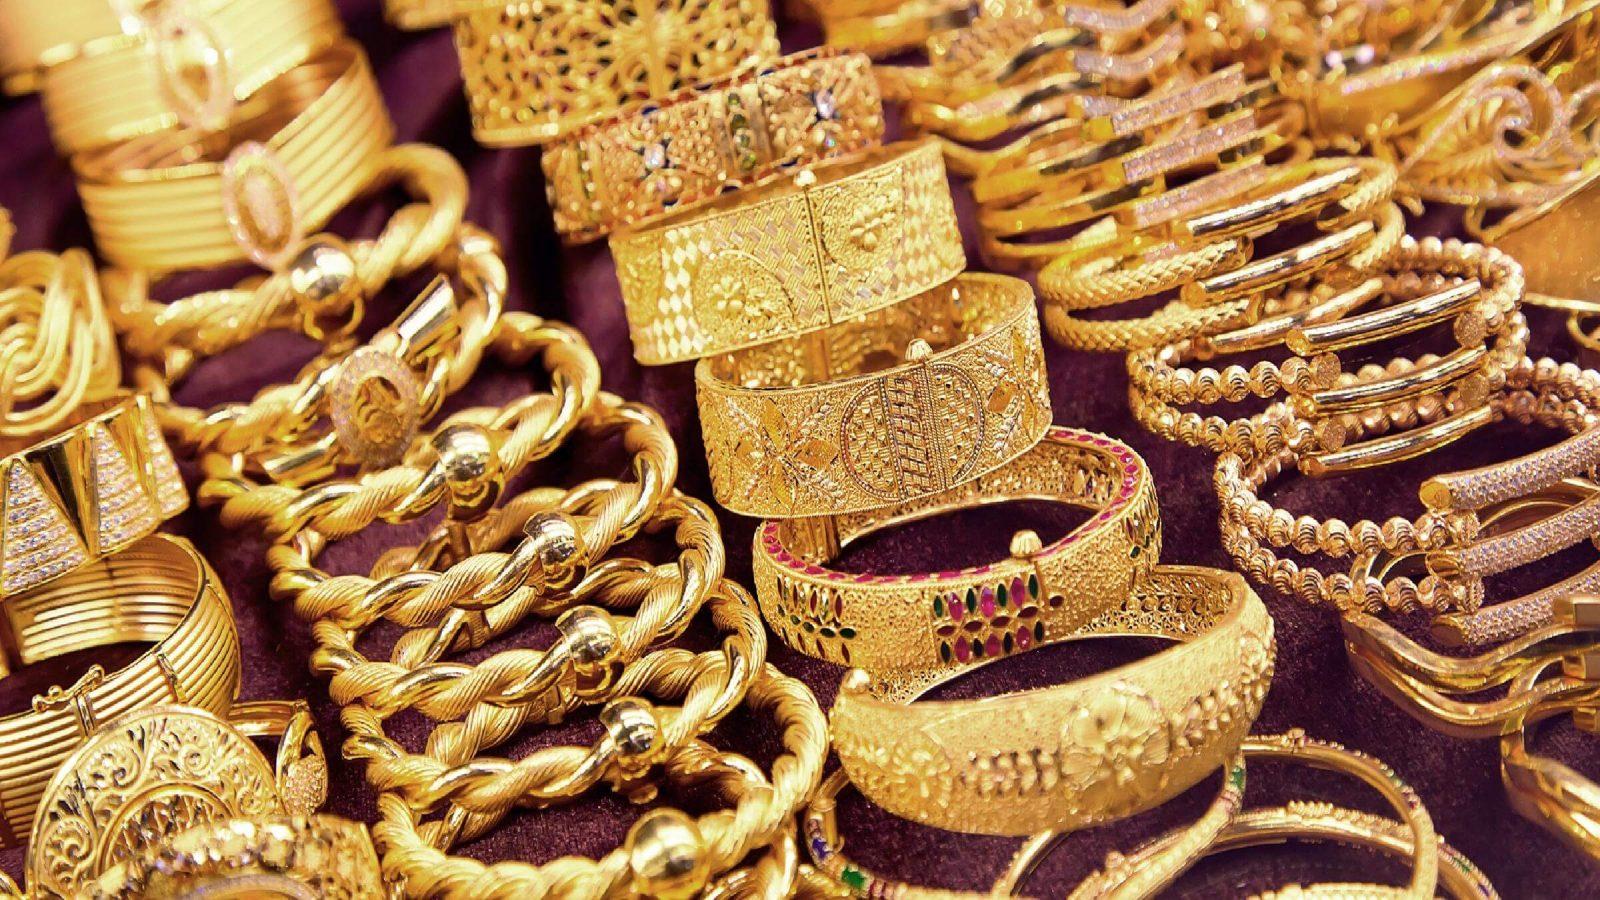 أسعار الذهب في مصر اليوم الخميس 17-10-2019 واستقرار عيار 21 - جريدة المال